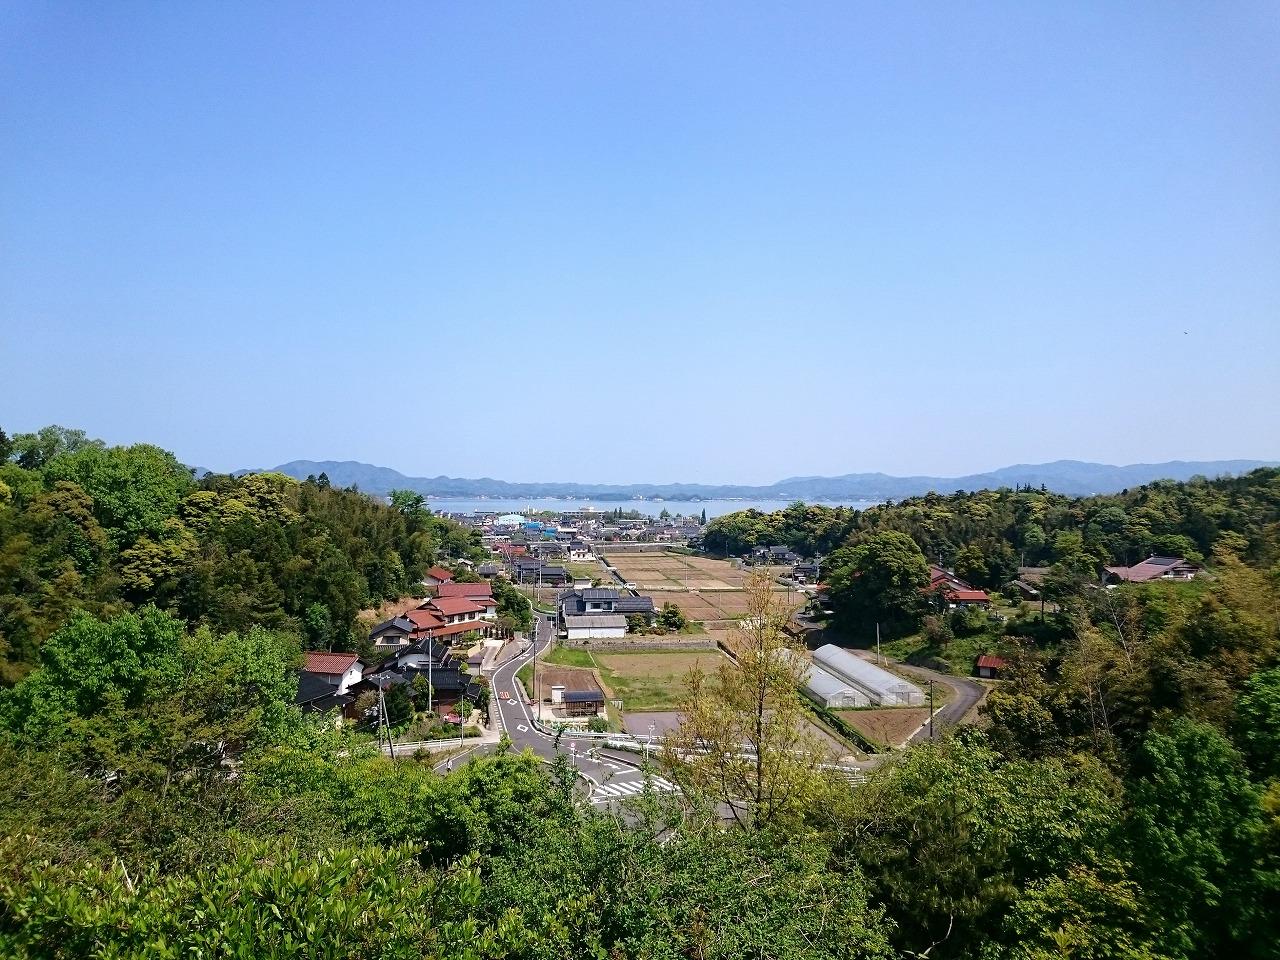 20150501-03_LakeShinji.jpg